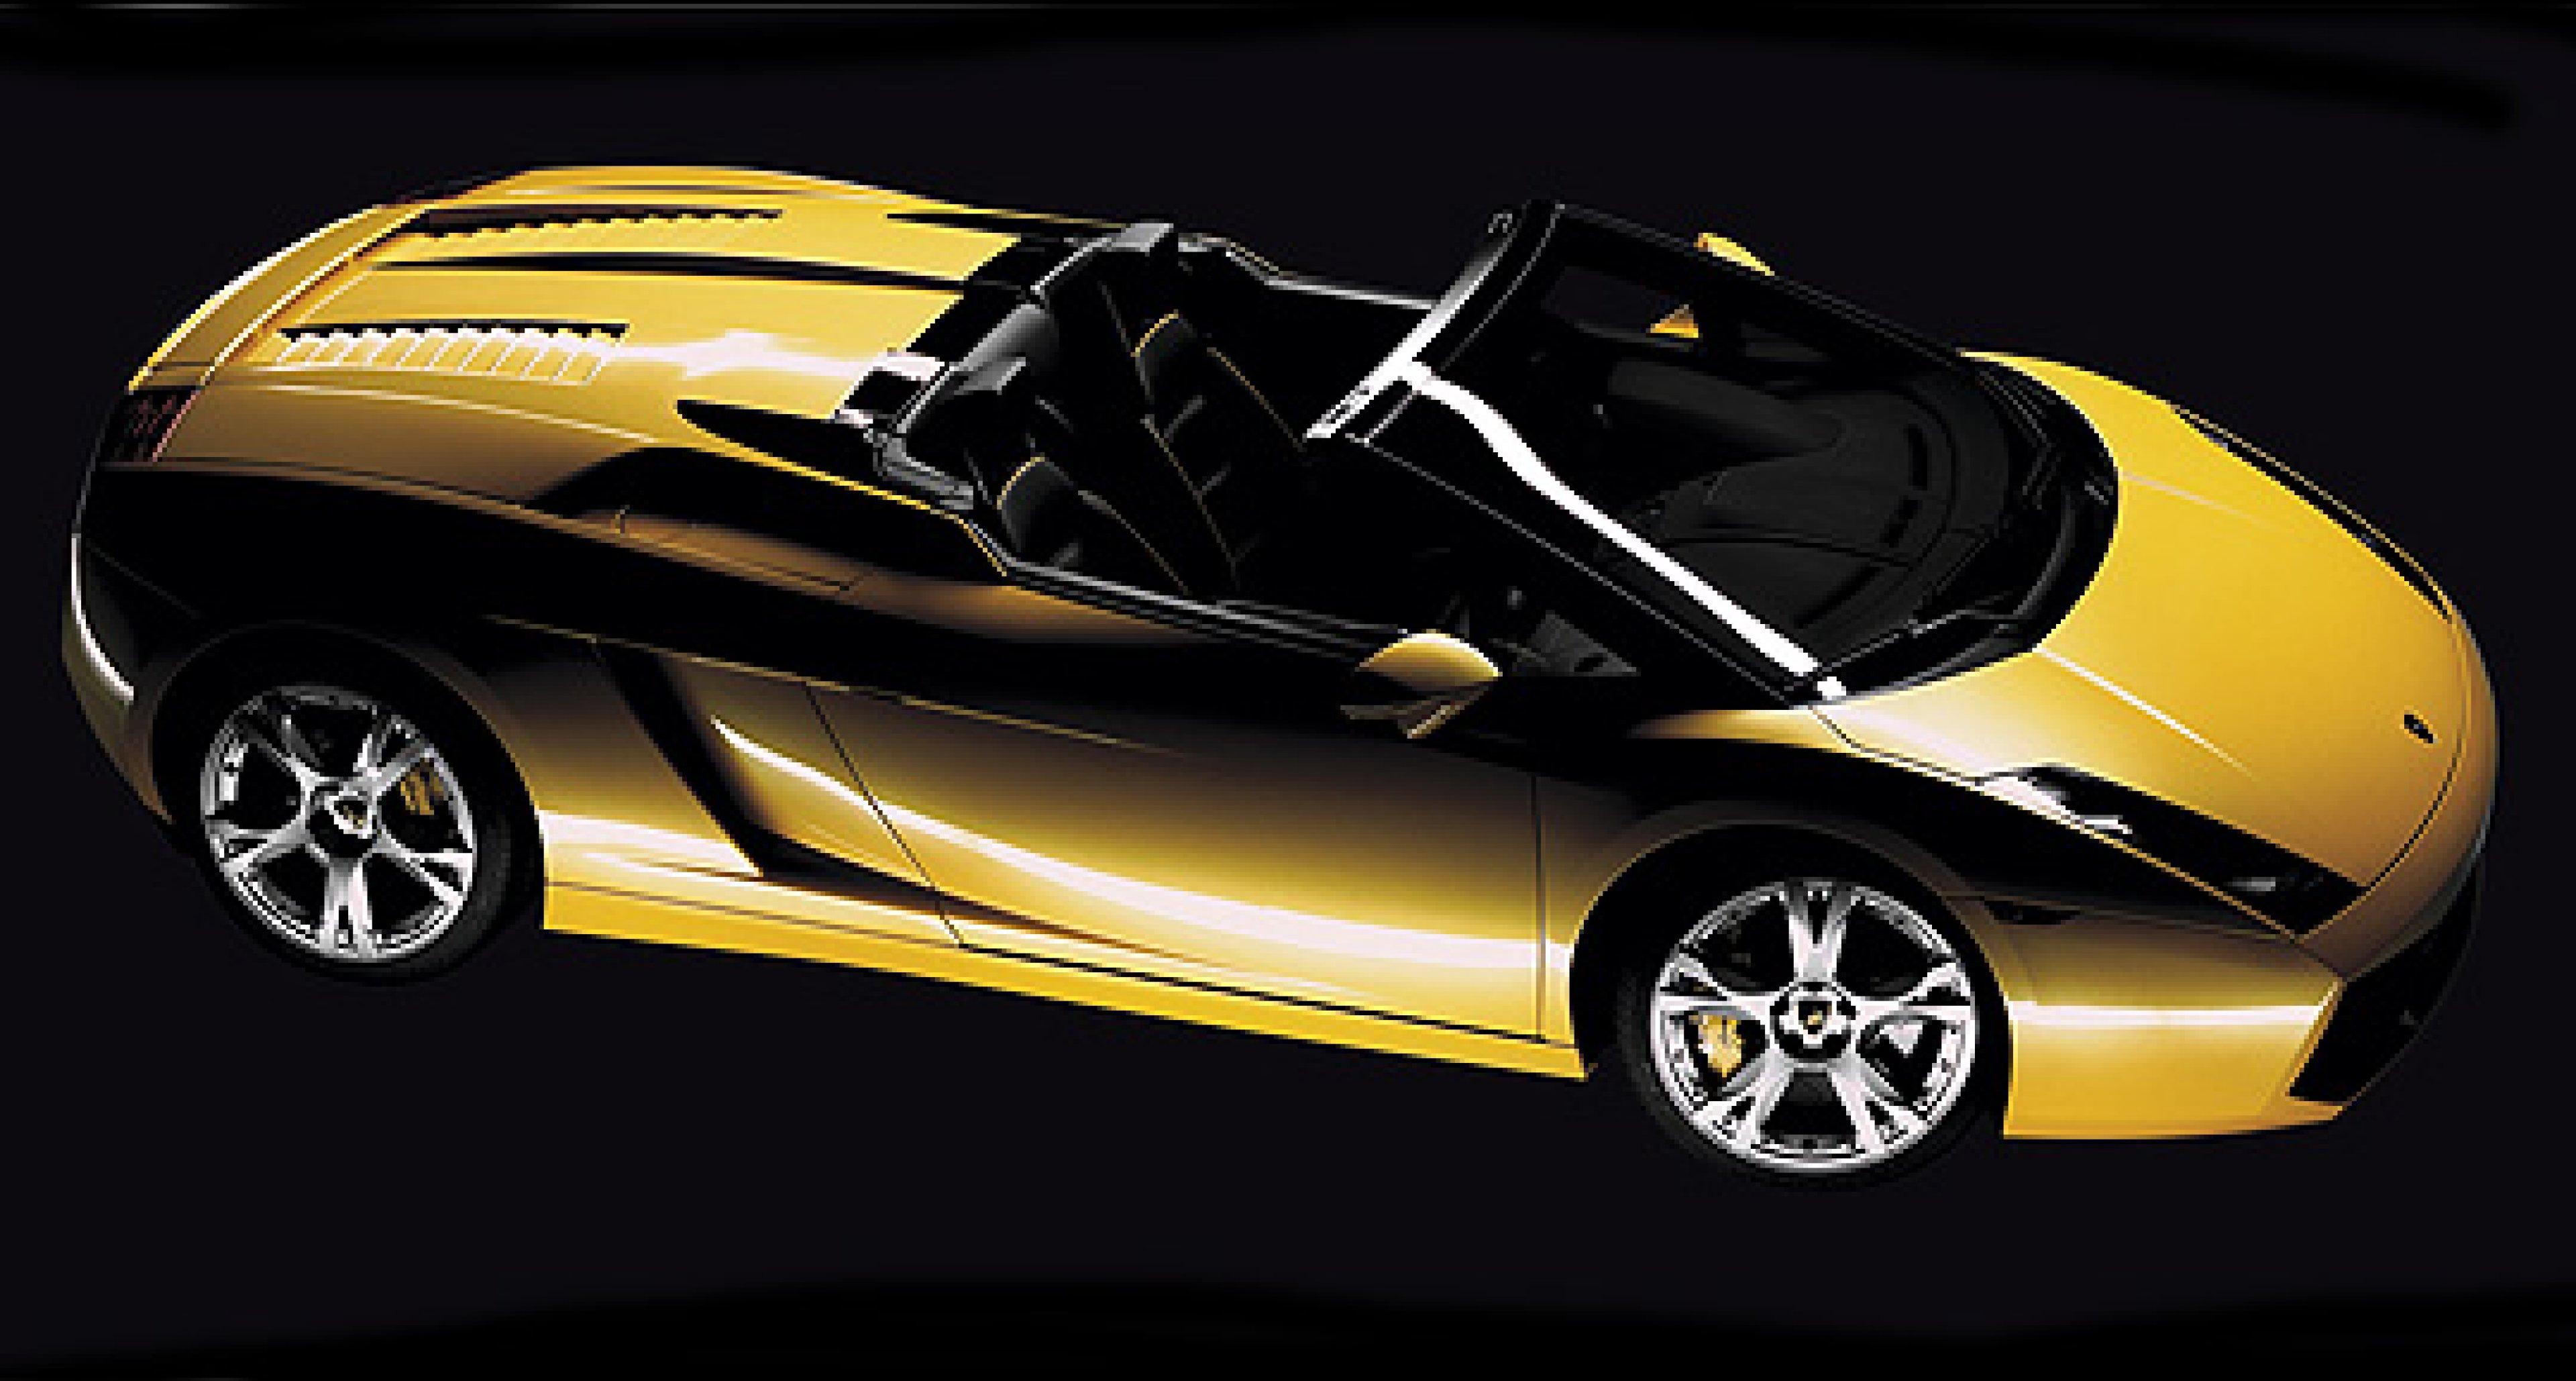 Lamborghini Gallardo Spyder: Ausgezeichnet